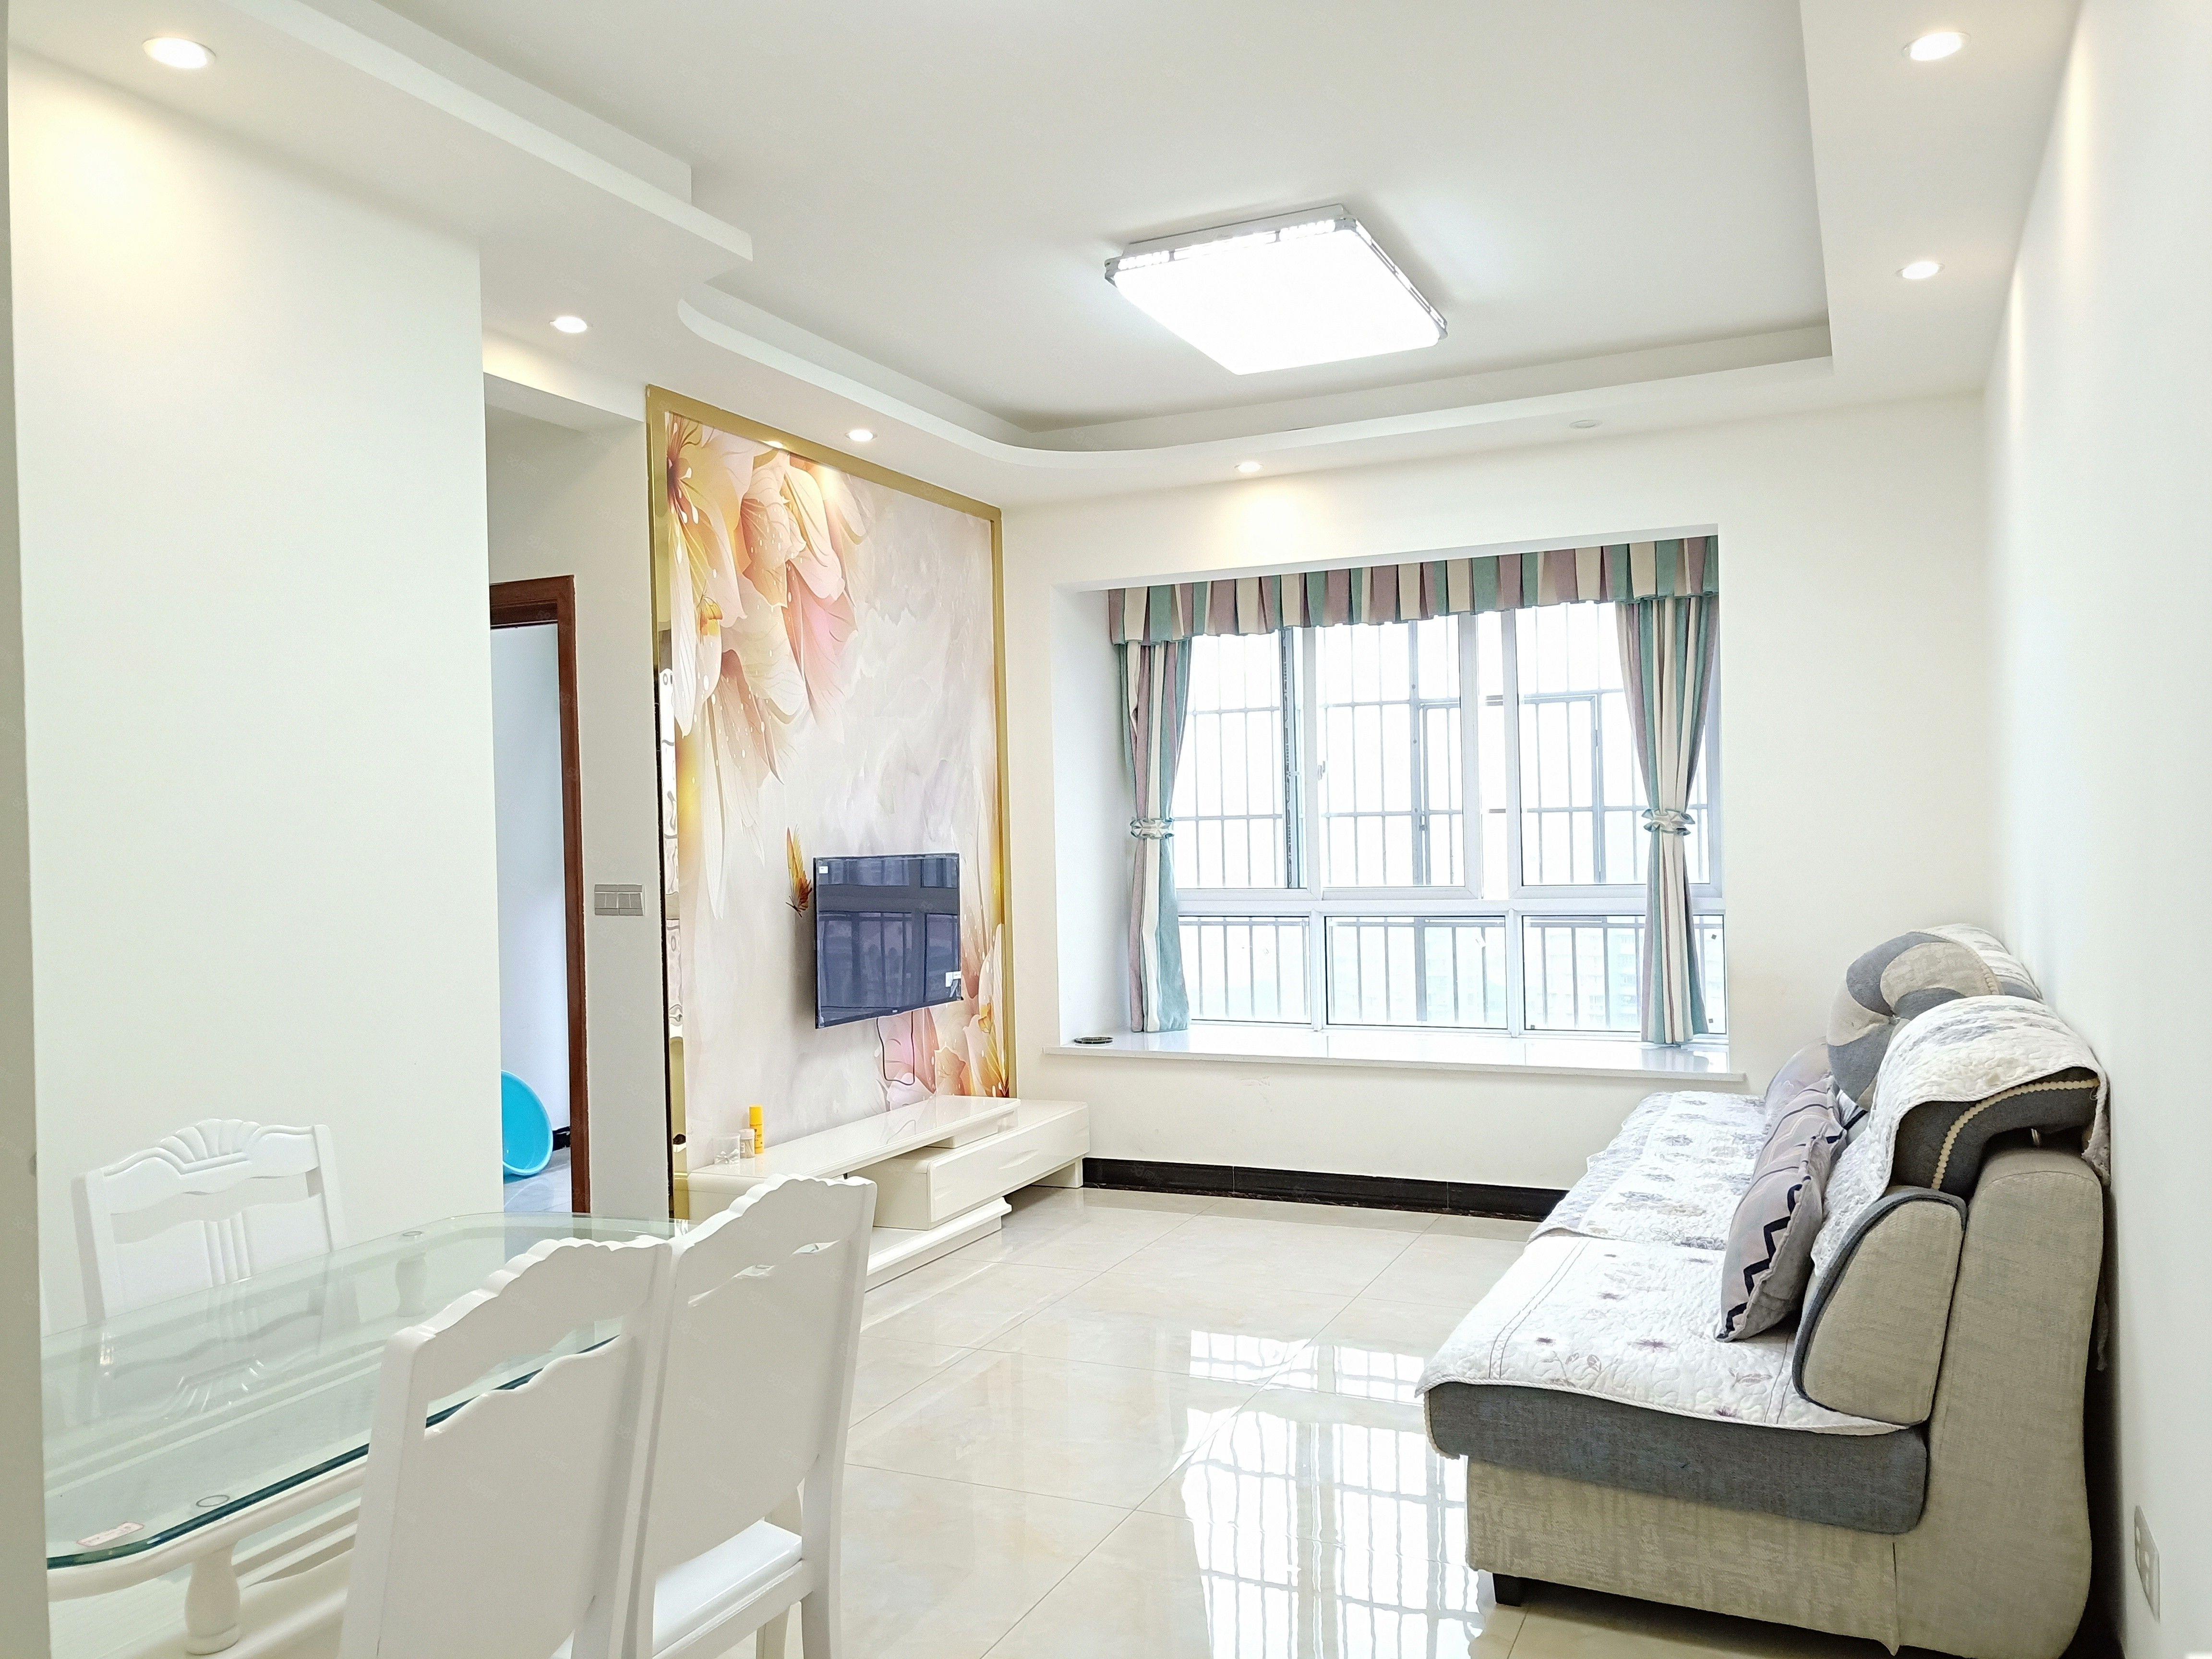 盛世临港精装修2室2厅1卫家具家电拎包入住随时看房